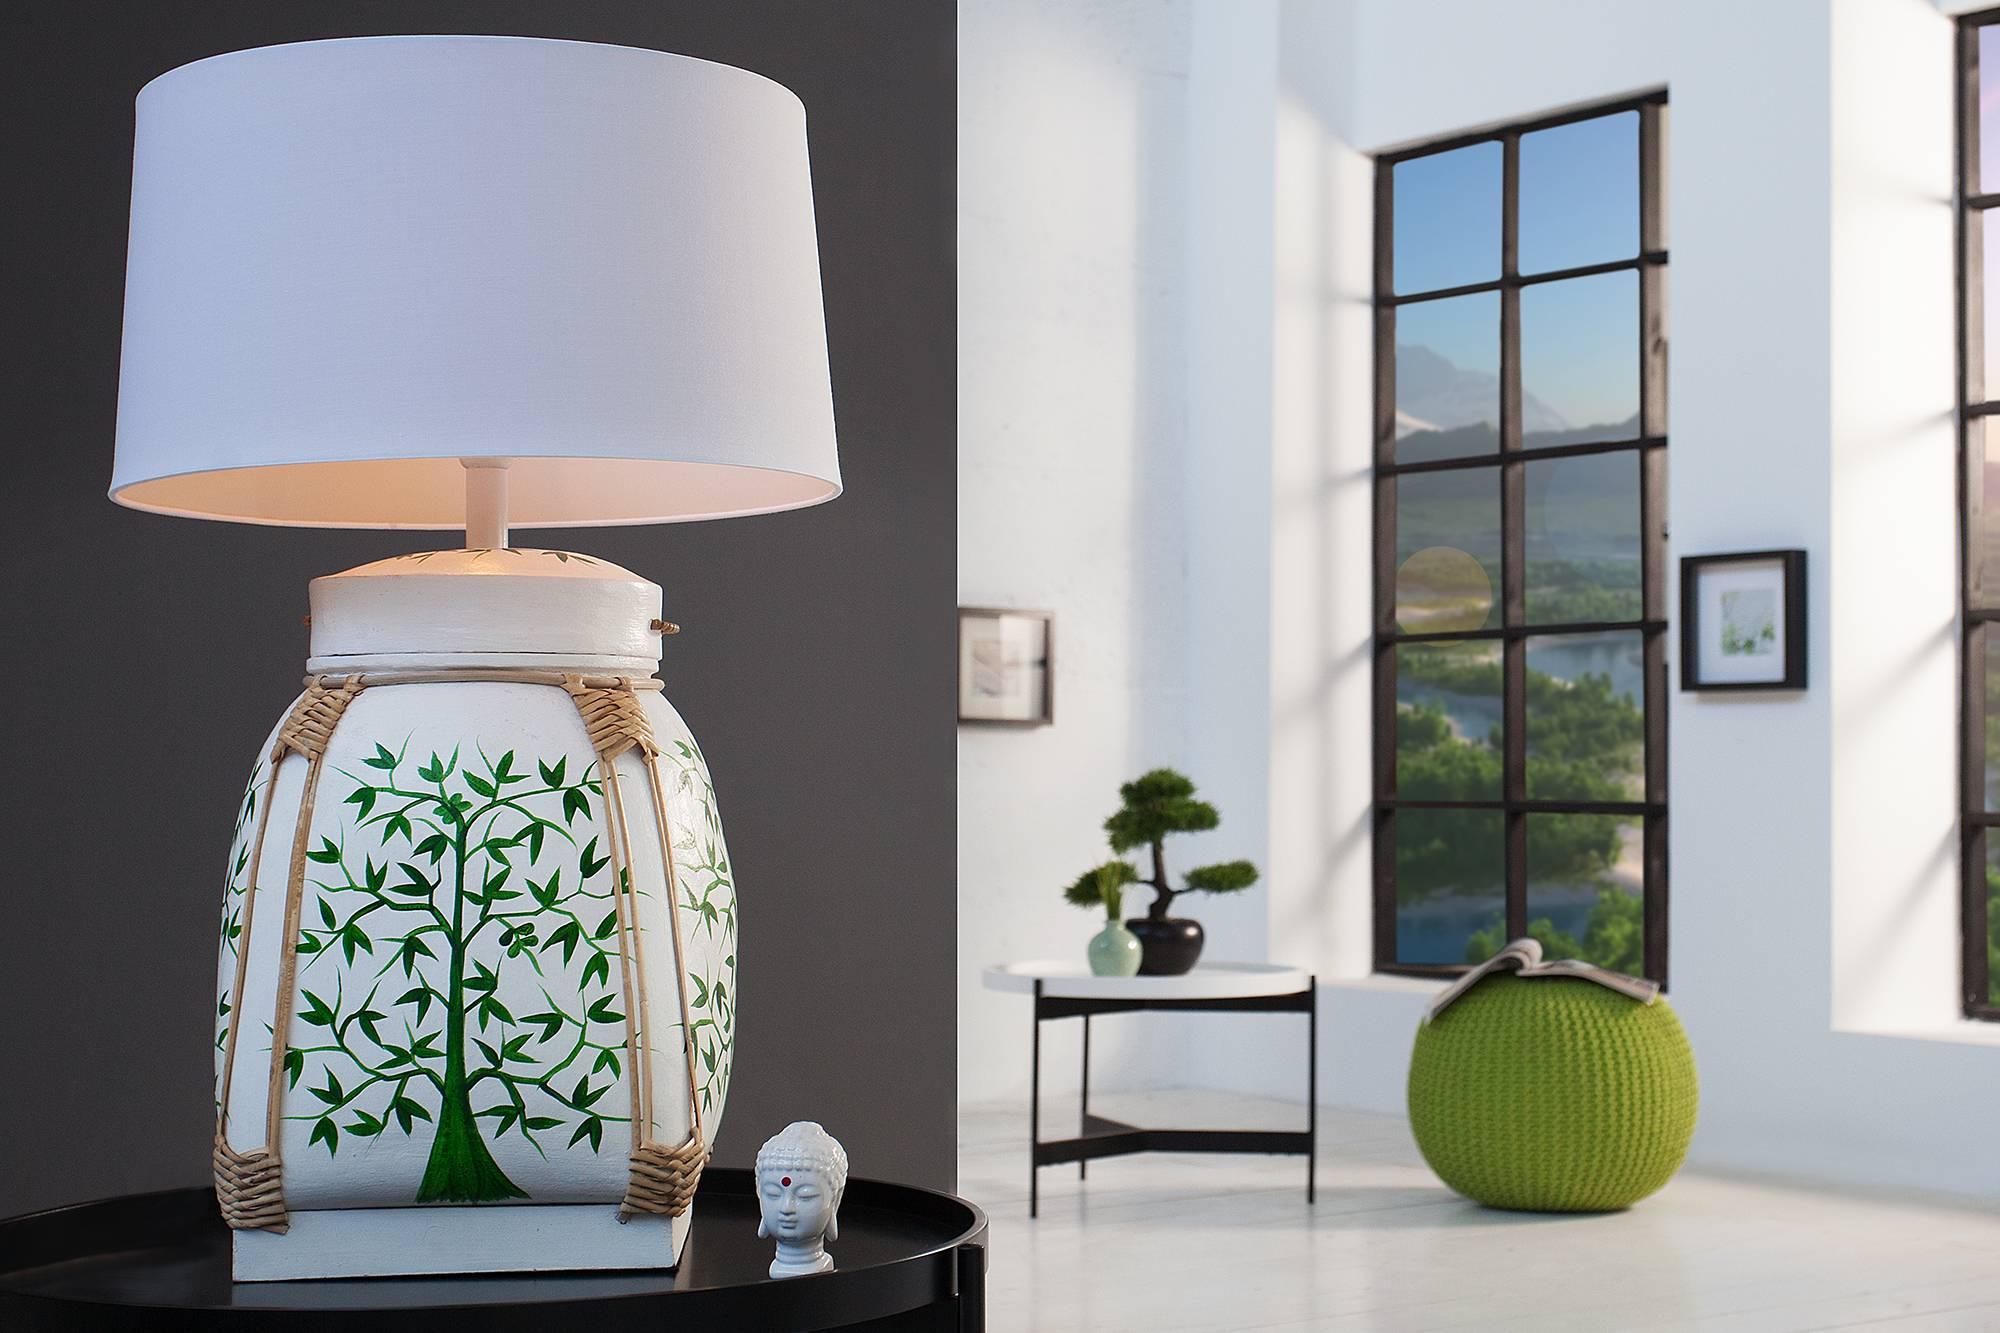 Naša stolná lampa Alyse bude jedinečným dizajnovým kúskom vo Vašom domove. Môžete ju využiť v akomkoľvek priestore. Jej prírodný vzhľad zapadne aj do obývacej izby alebo spálne. Keďže lampa je vyrobená z prírodných materiálov, môžu sa objaviť odchýlky vo vzhľade. Ale aj vďaka tomu je každý kus jedinečným výrobkom.